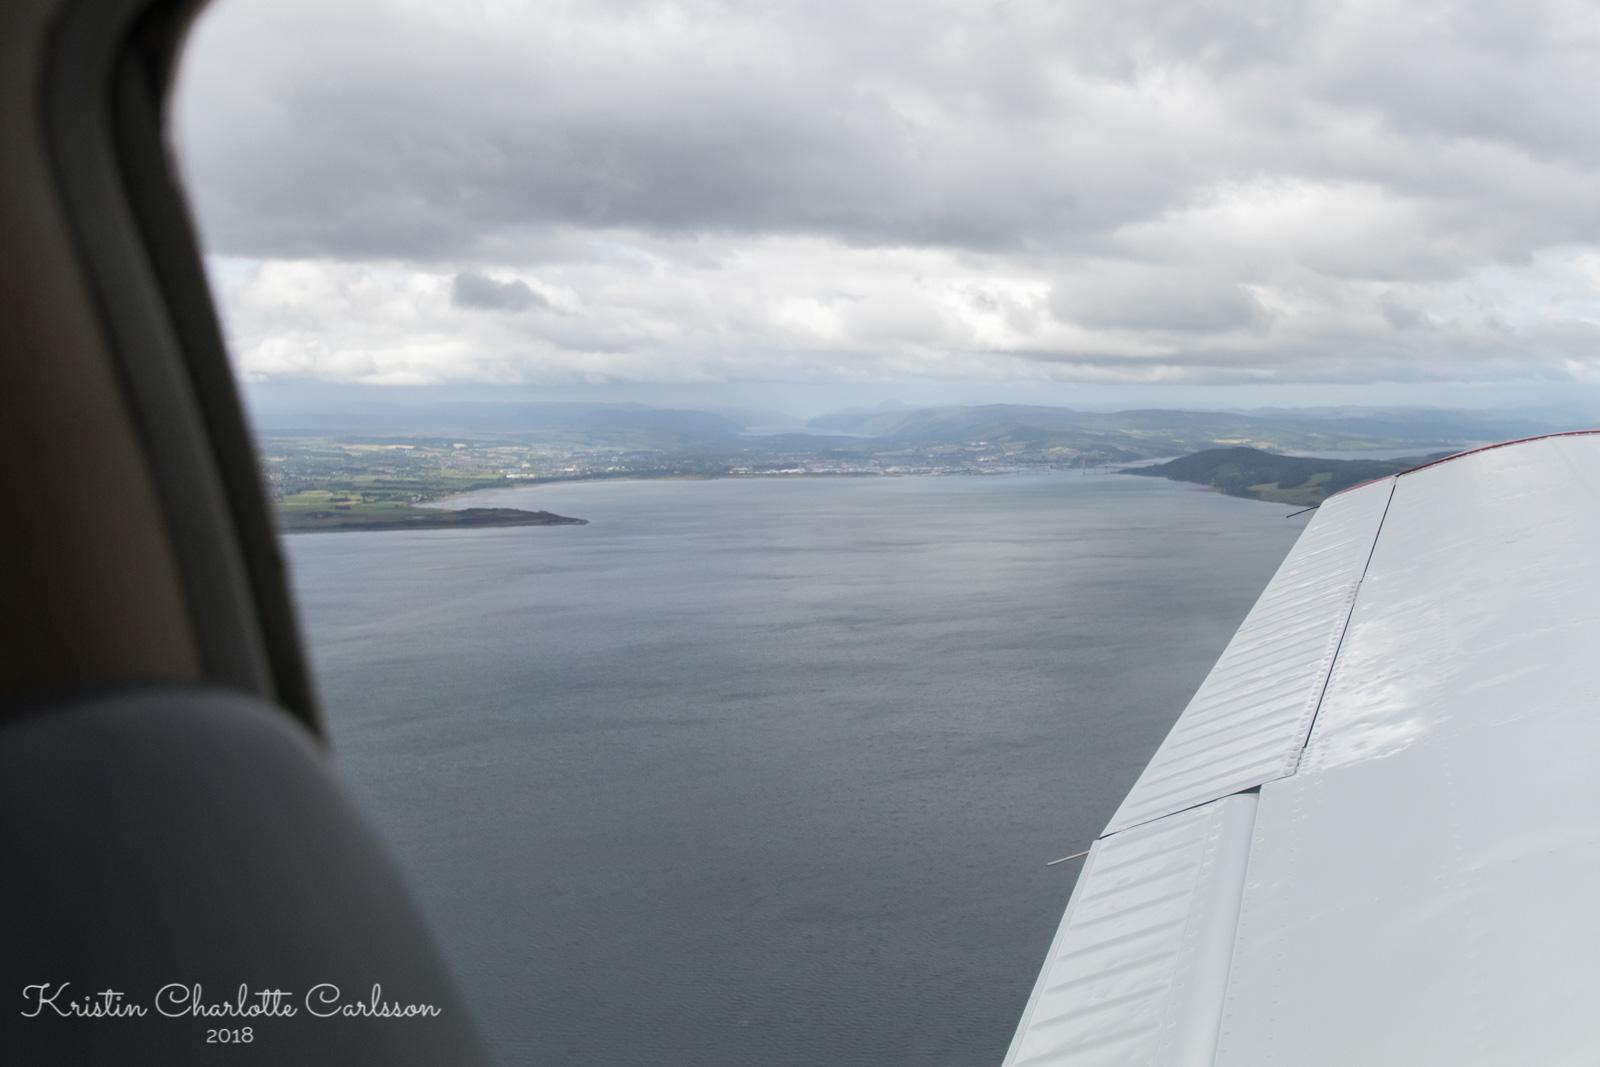 Inverness innerst i fjorden med Loch Ness i bakgrunnen. Ingen sjøormer i sikte!